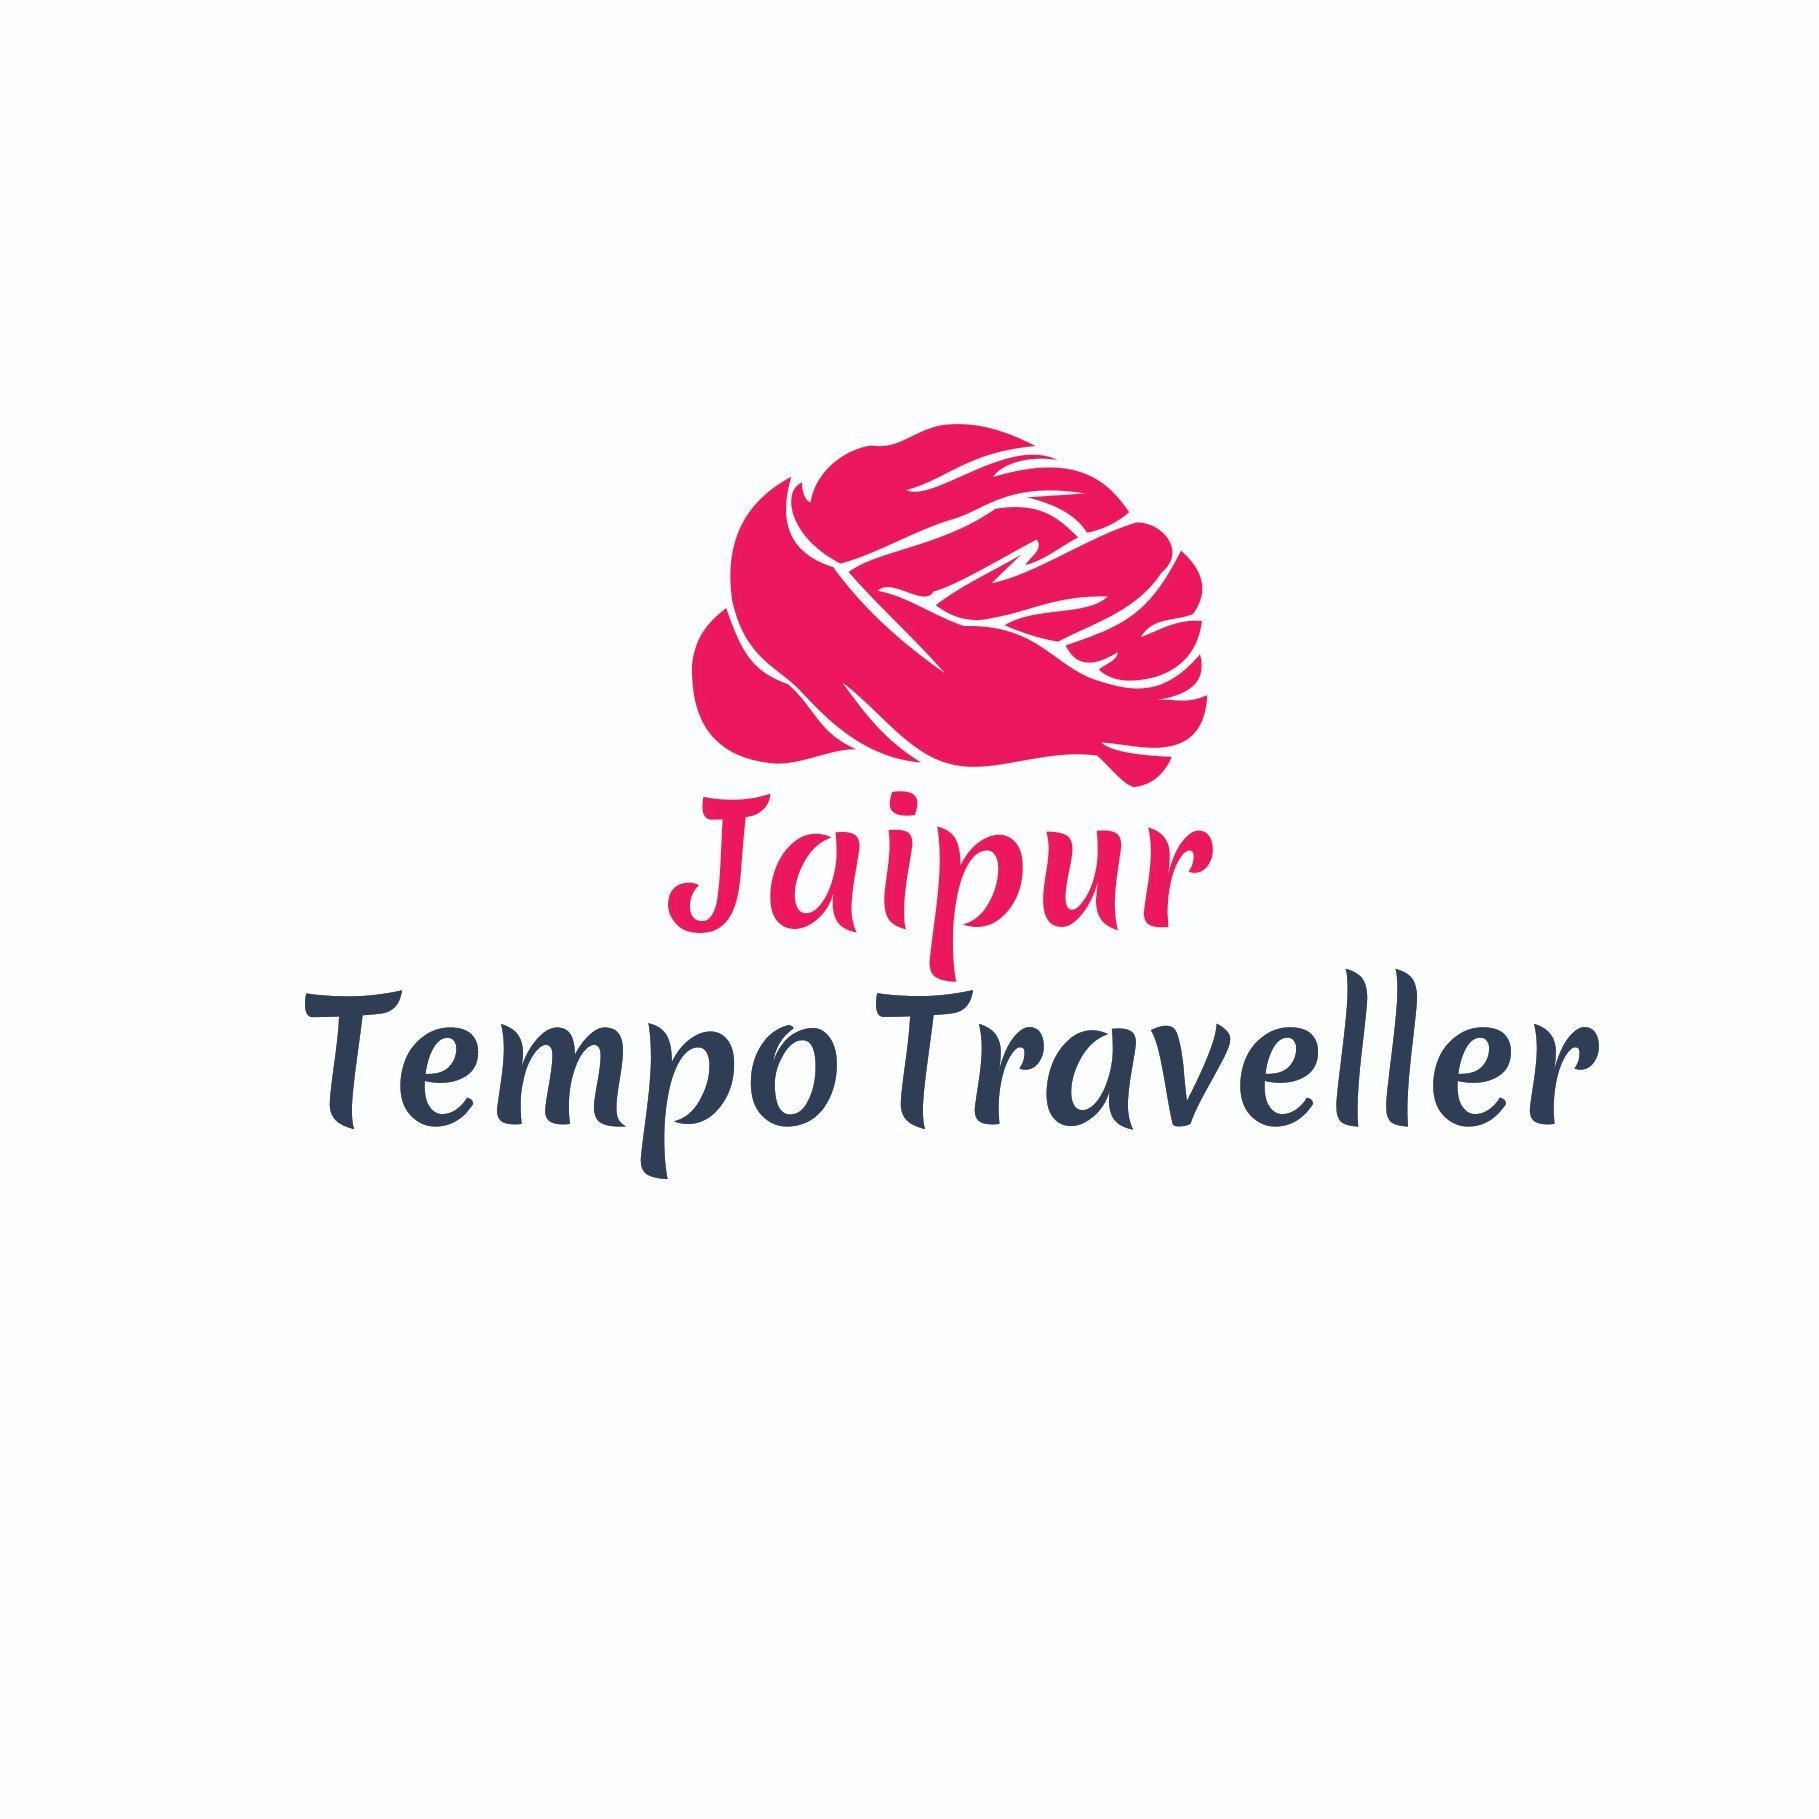 JaipurTempo_1